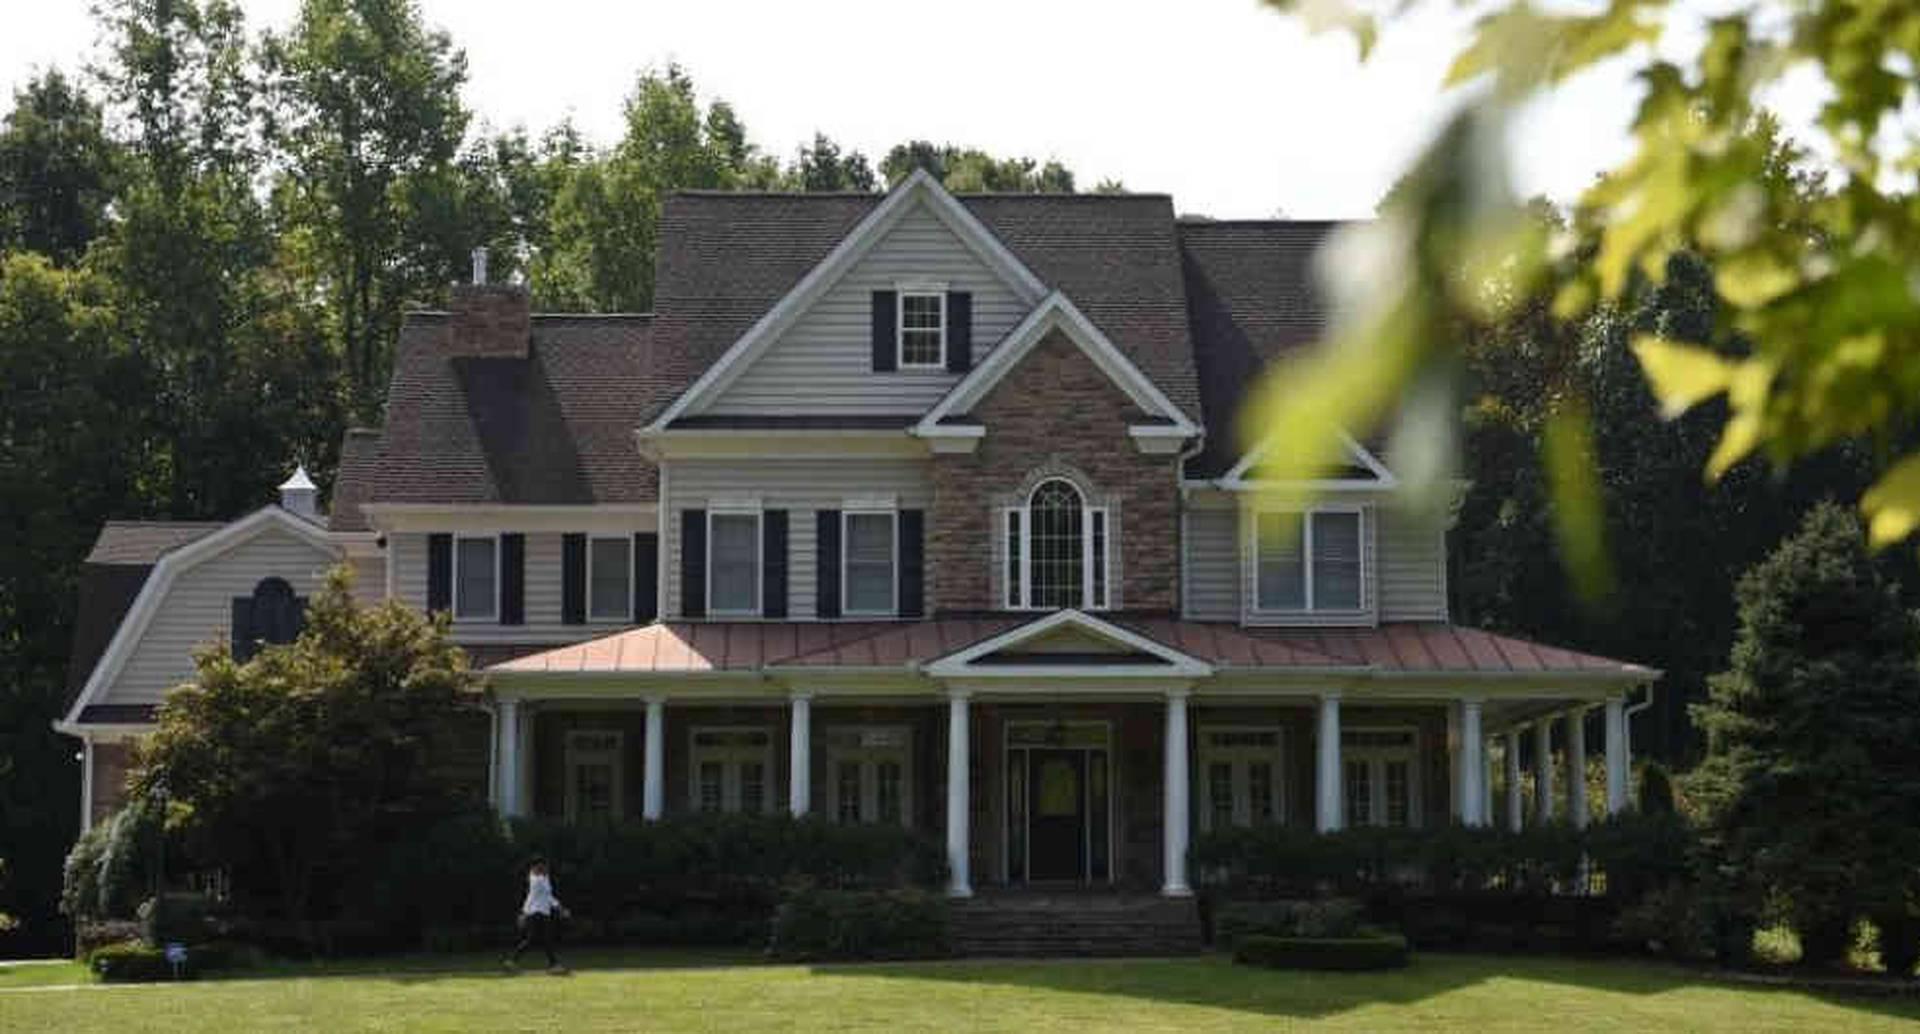 La casa donde supuestamente vive Oleg Smolenkov y su familia en Stafford, Virginia, Estados Unidos. Foto: Getty Images/BBC